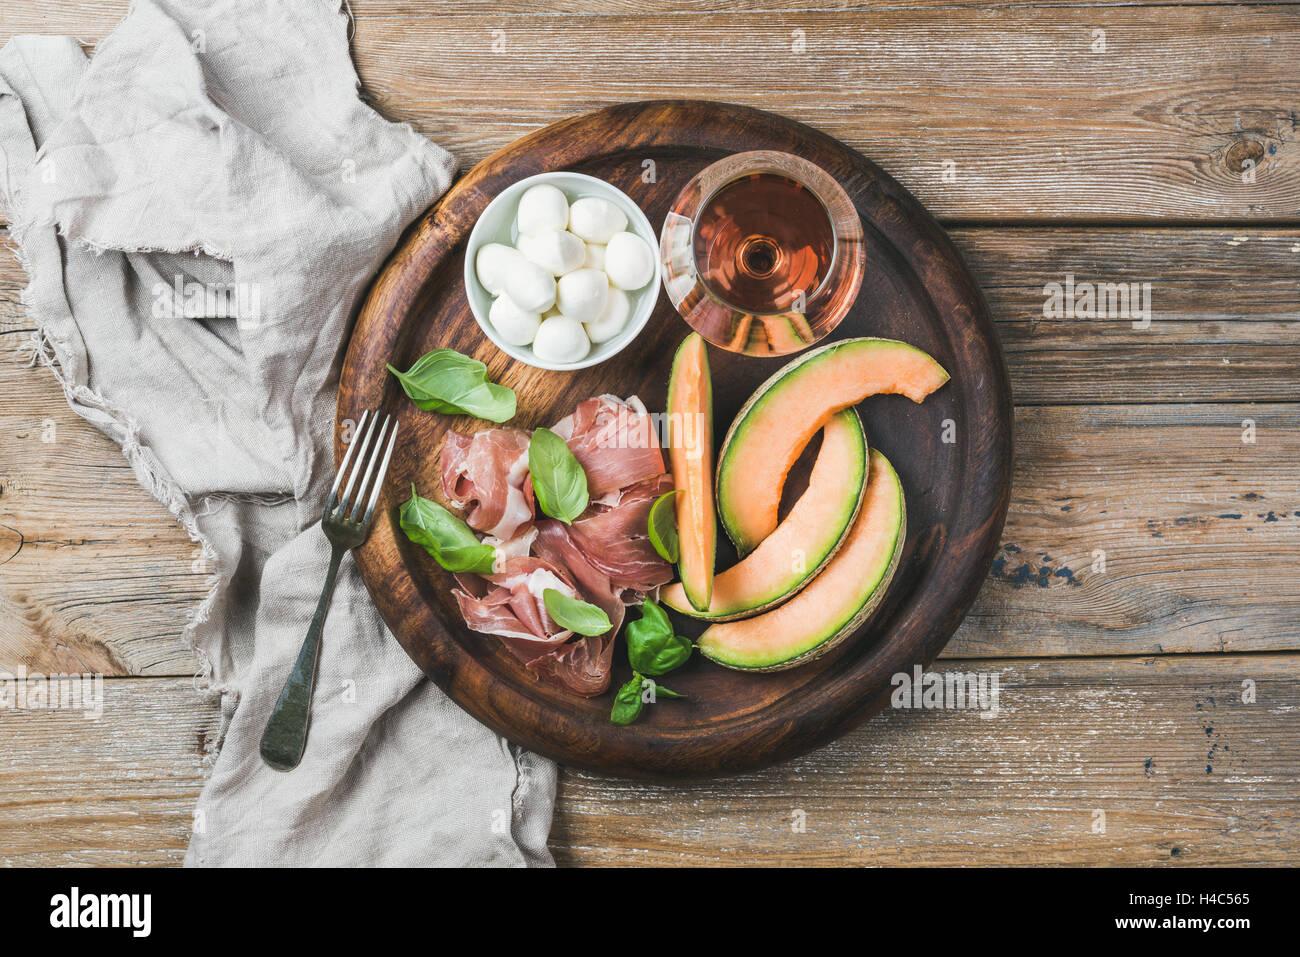 Il Prosciutto e melone, mozzarella e bicchiere di vino nel vassoio in legno Immagini Stock